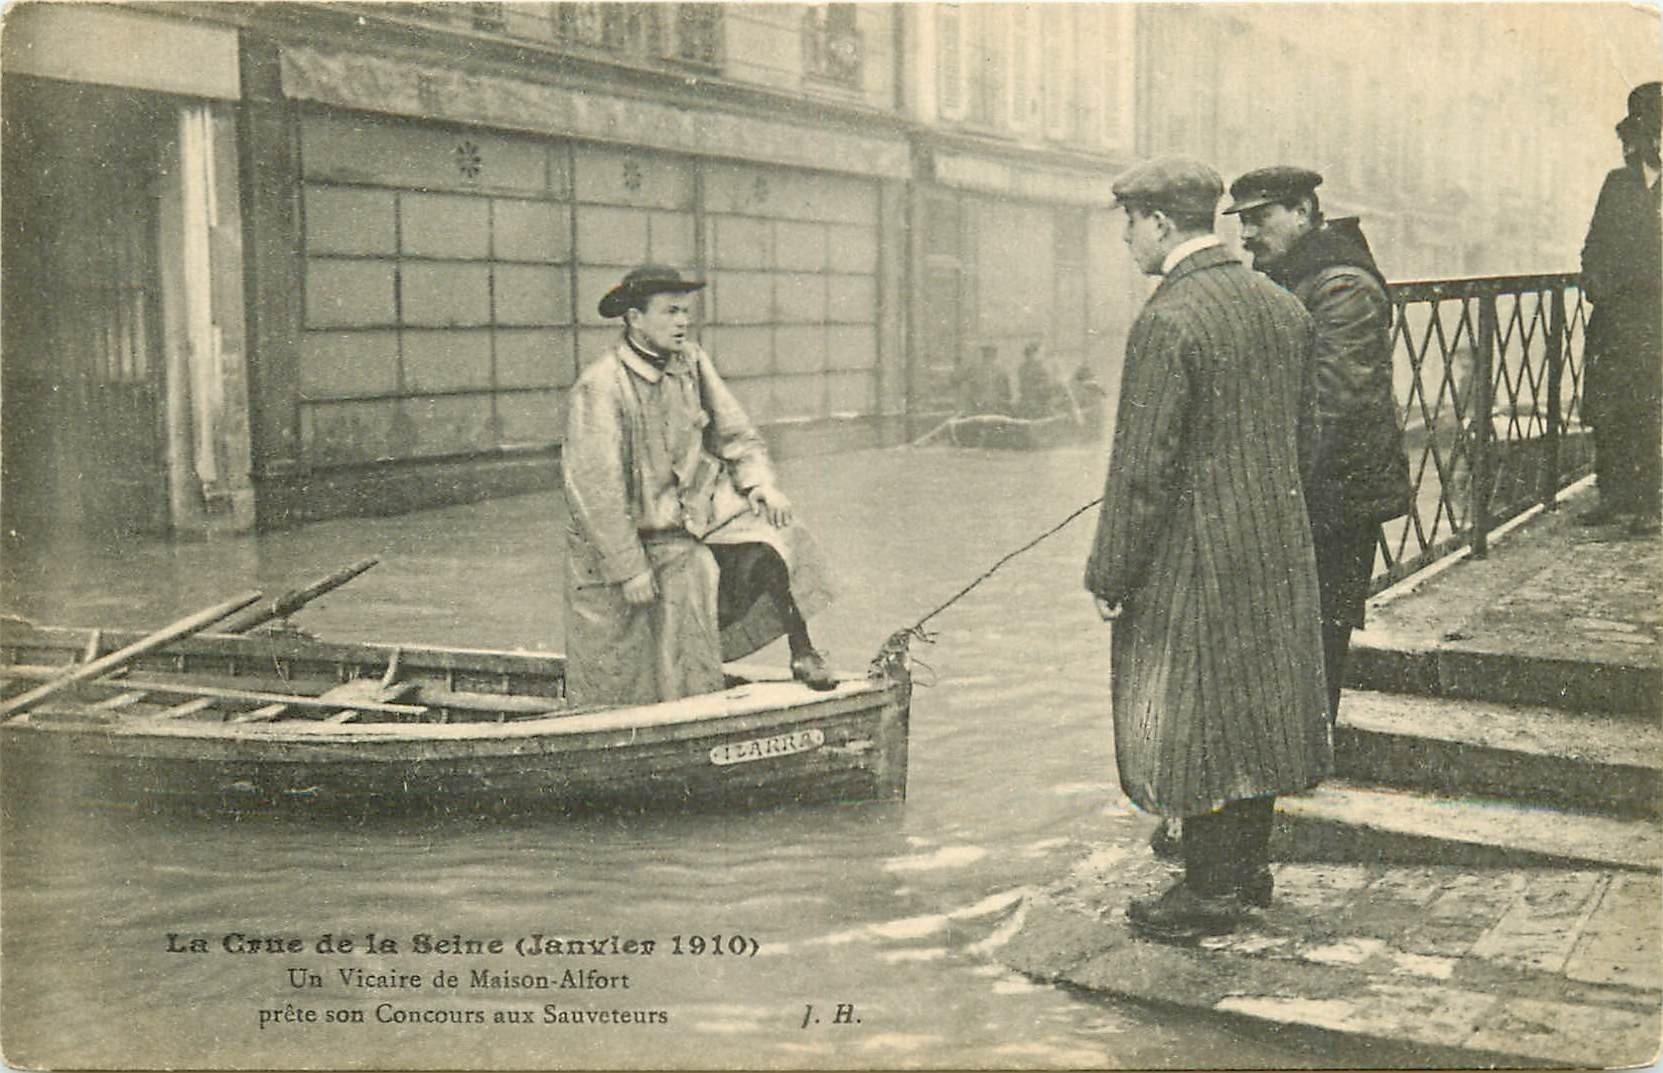 94 MAISONS-ALFORT. Un Vicaire en barque prête son Concours aux Sauveteurs Crue de 1910